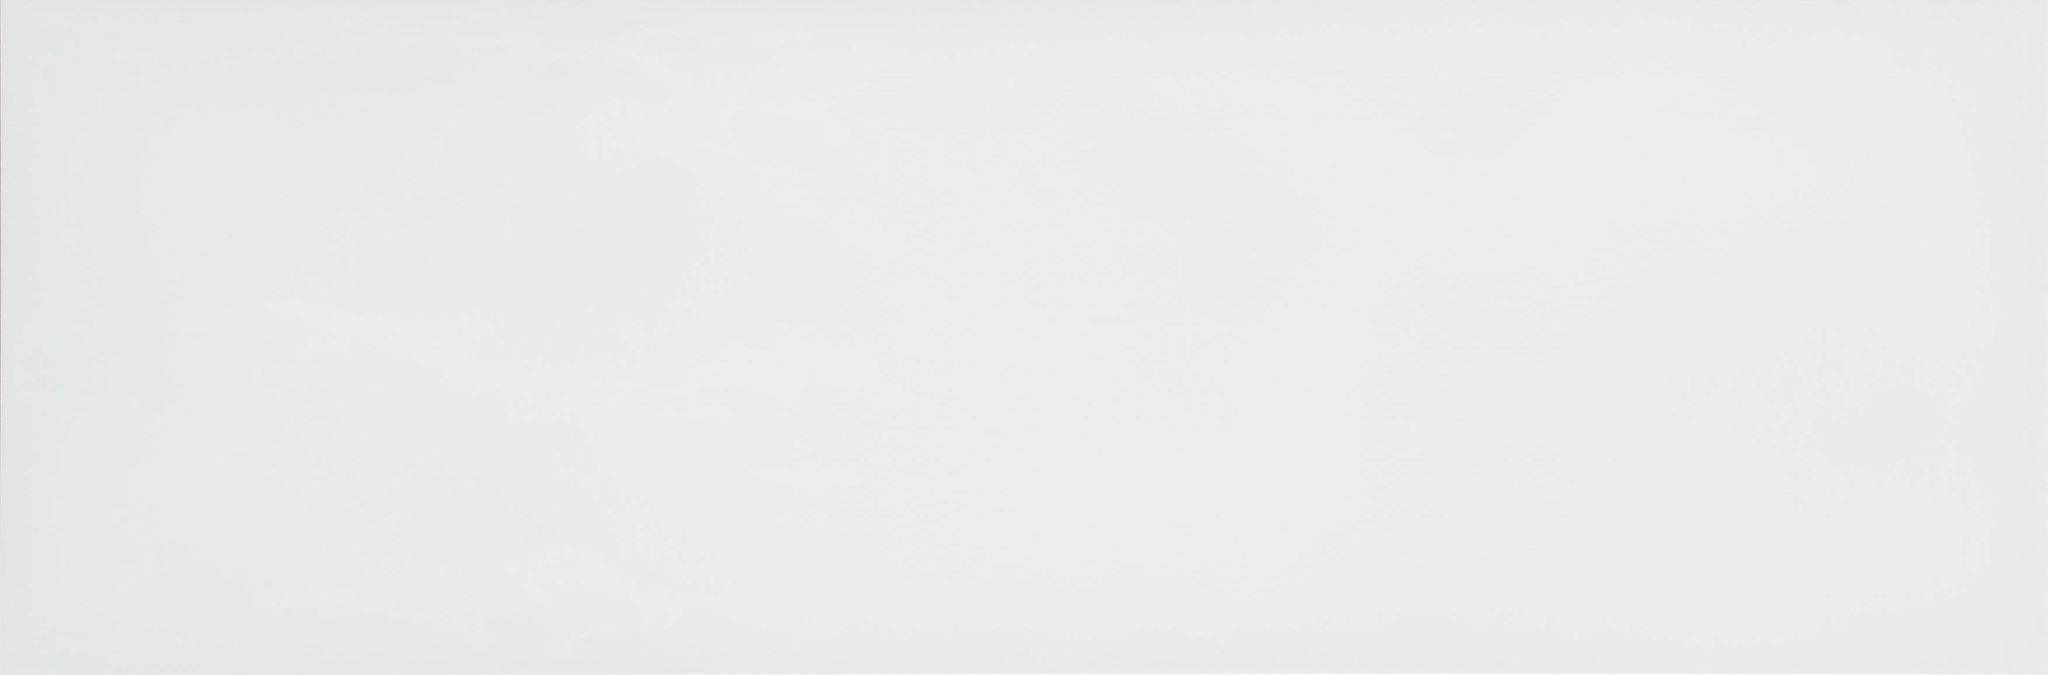 Artes white glossy 140201 20x60 - Hansas Plaadimaailm